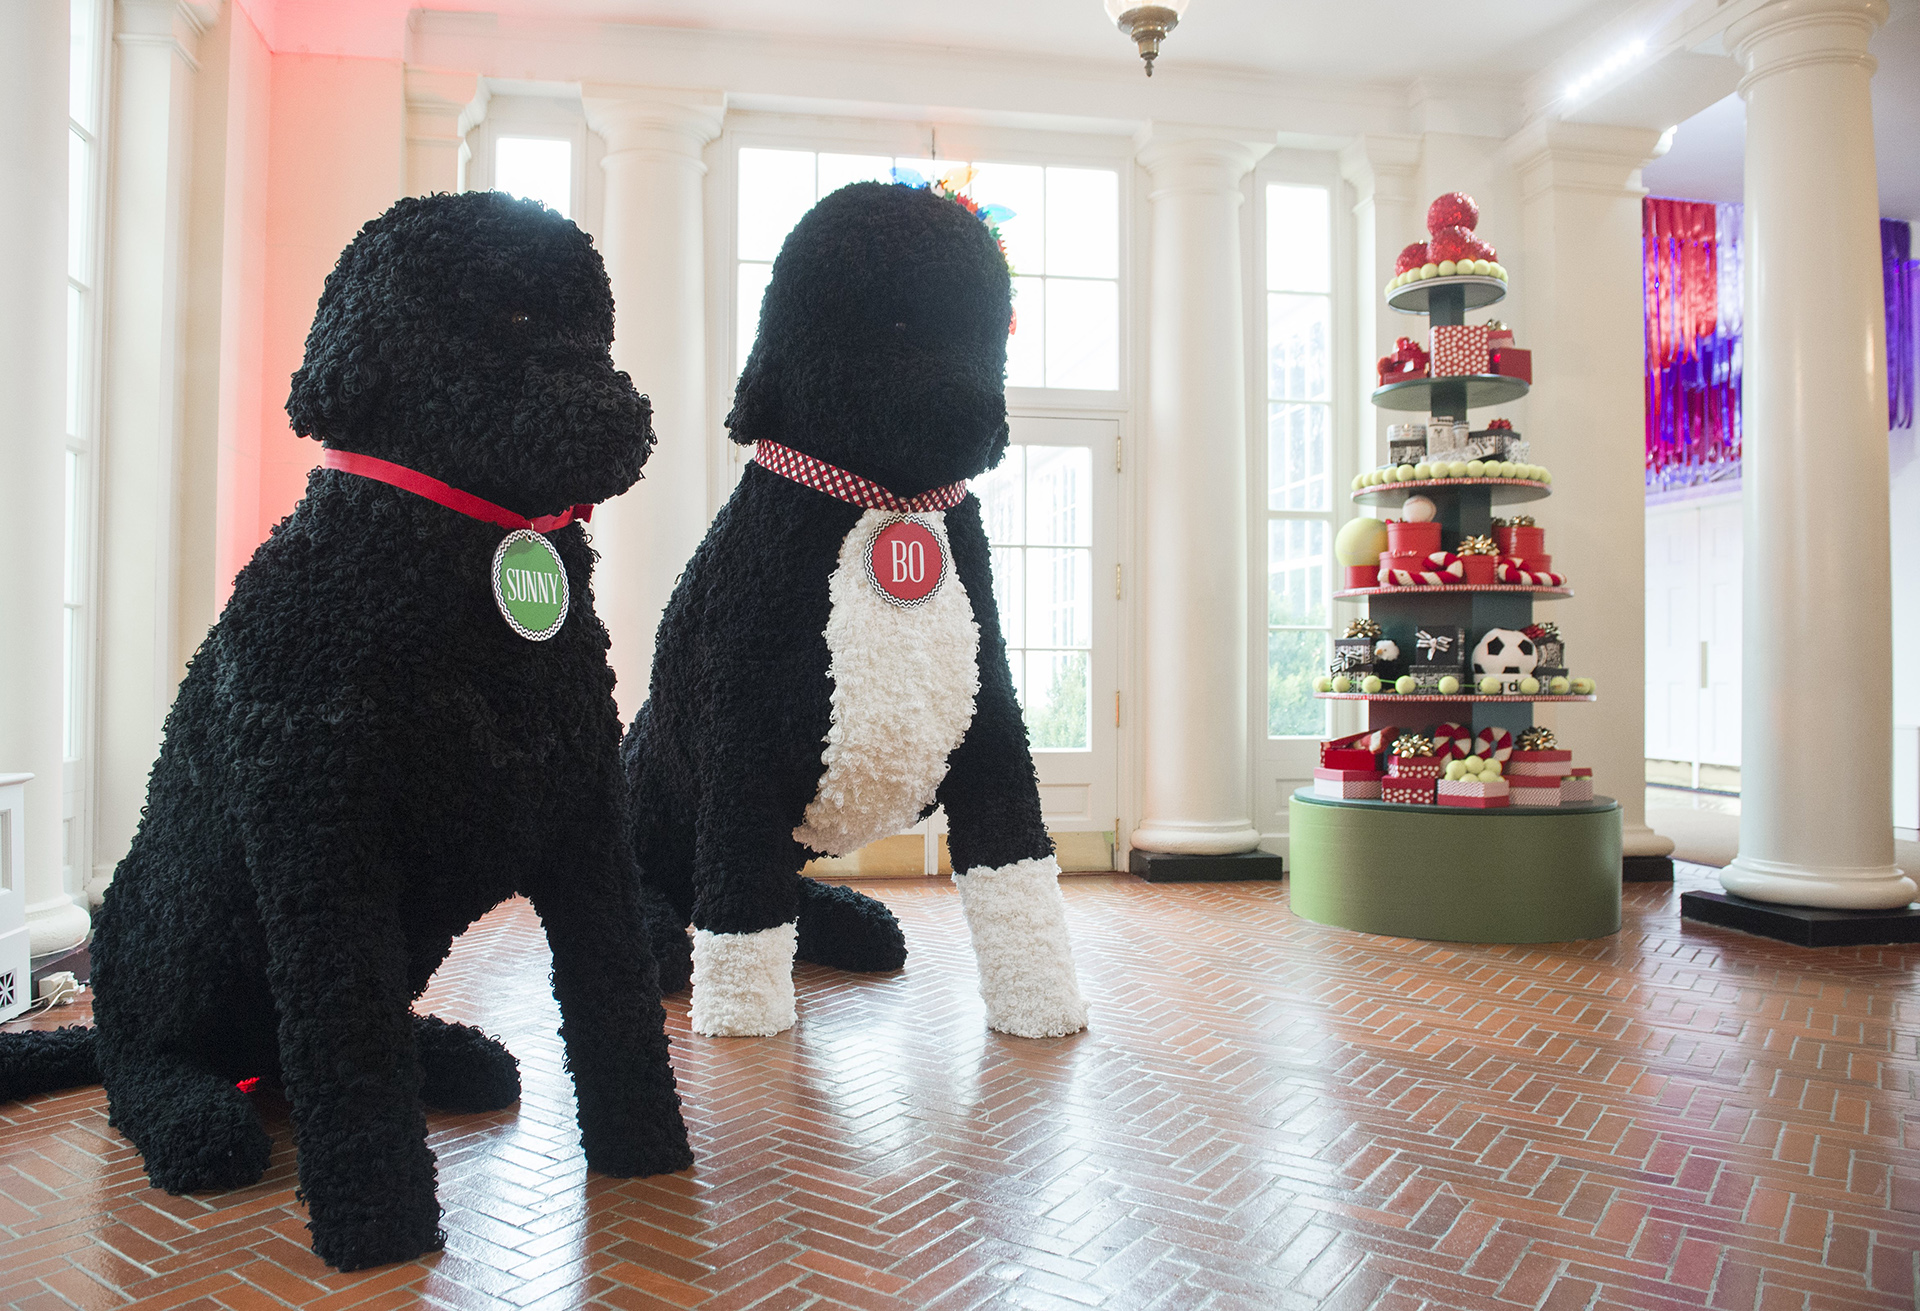 Figuras gigantes de las mascotas de la familia Obama reciben a los visitantes a la Casa Blanca